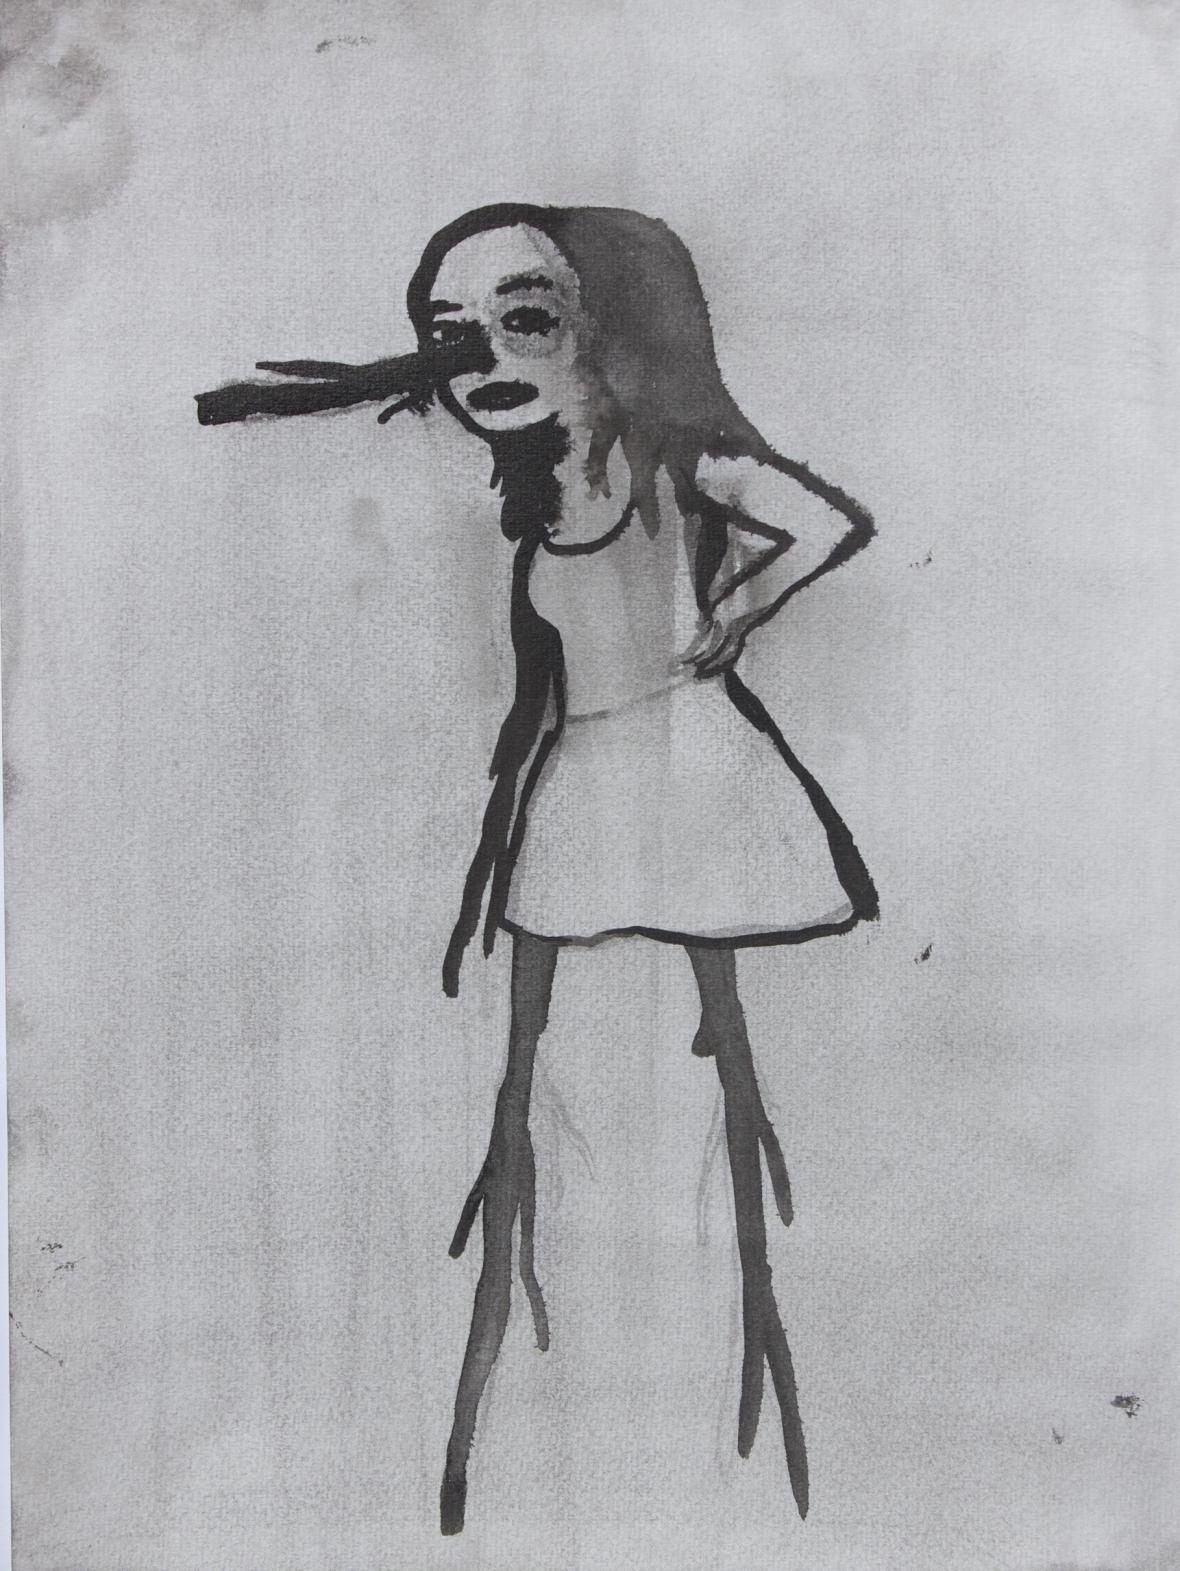 Klara Kristalova / Sladké mládí, 2013